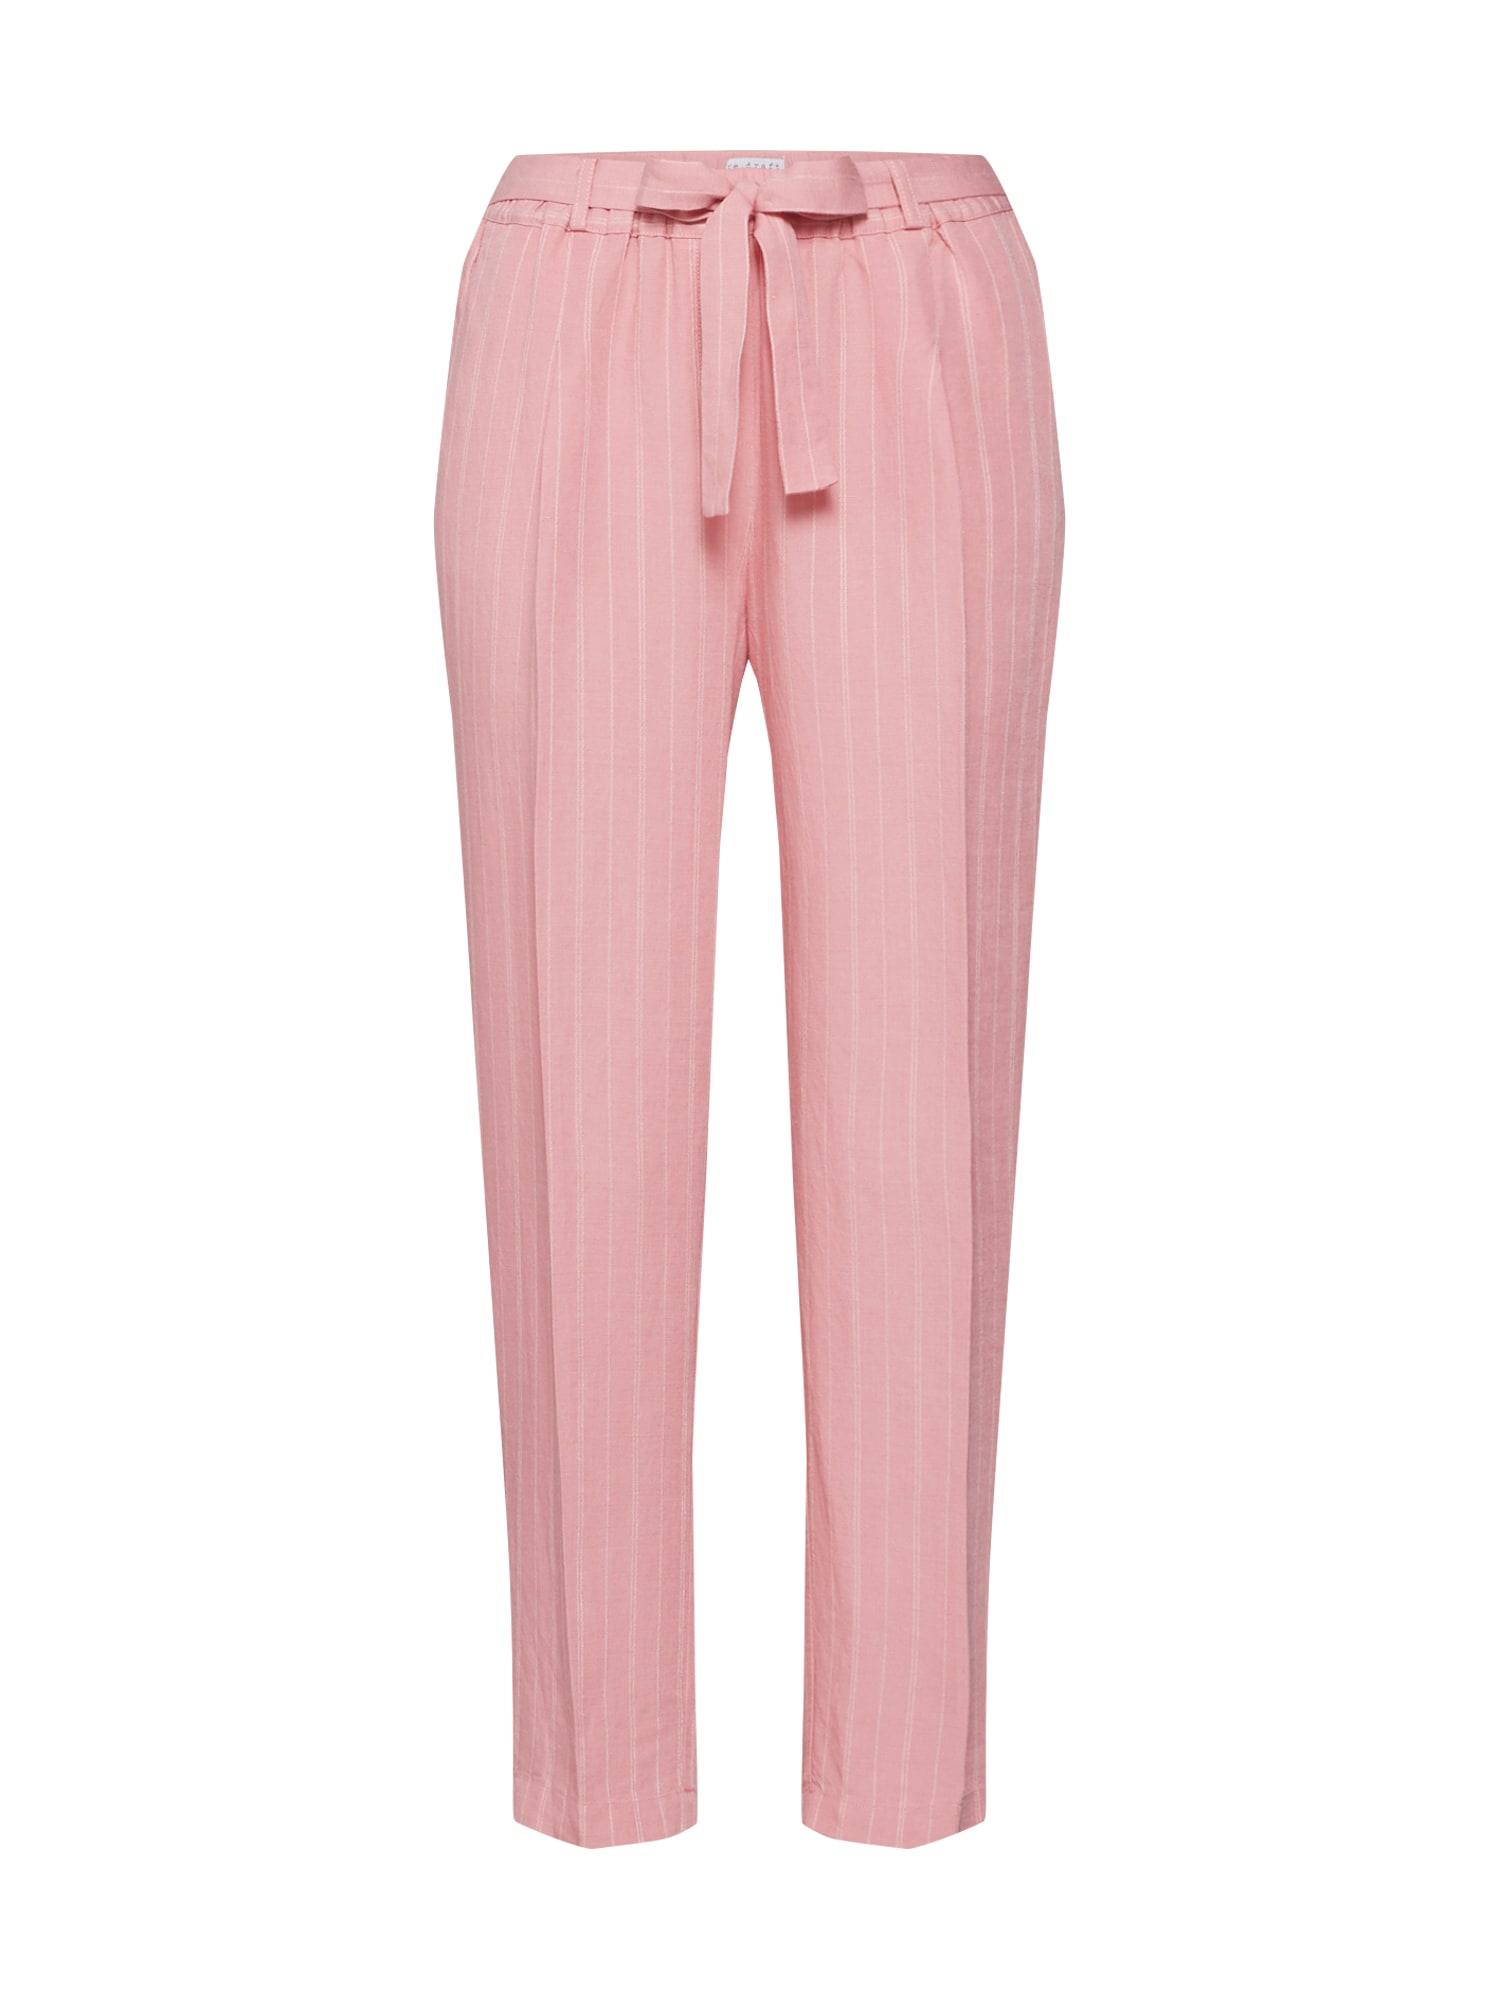 Kalhoty Striped Pants with Pleat růžová bílá Re.draft